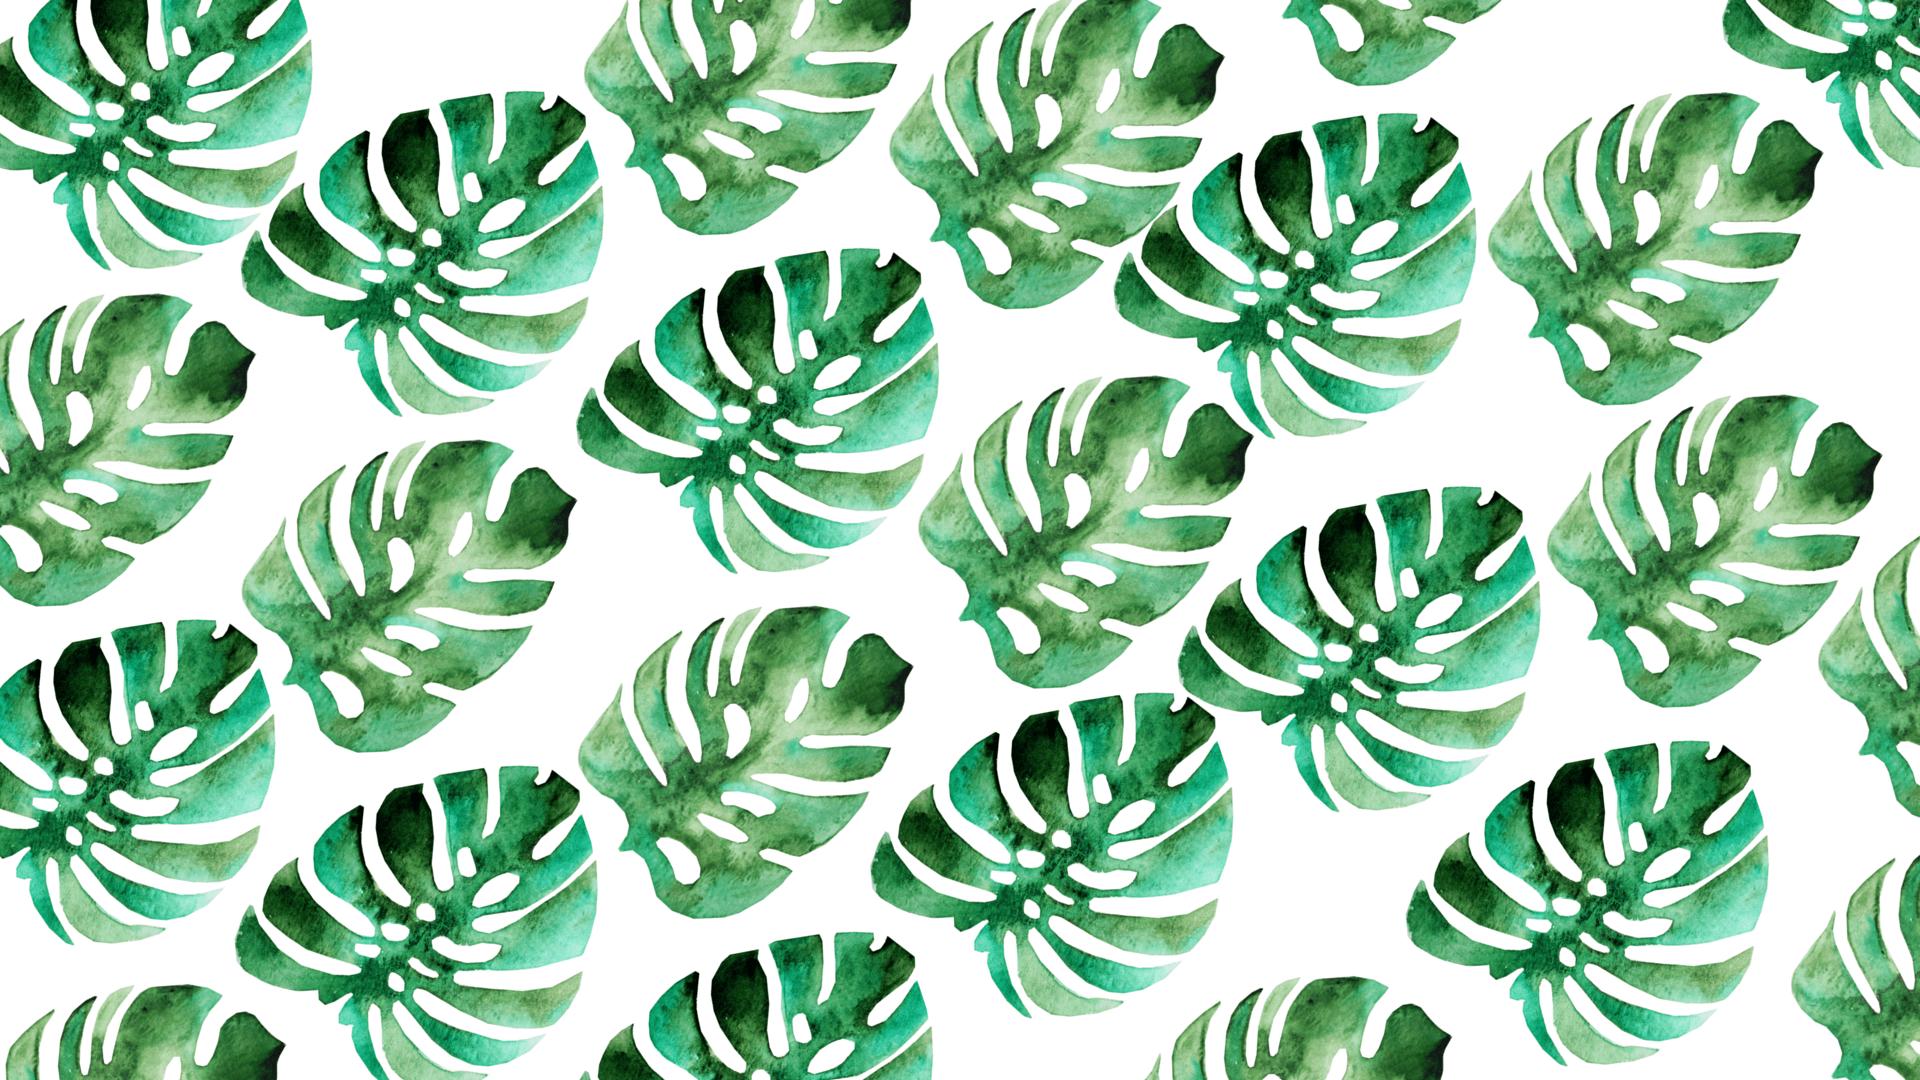 Palm Leaf Desktop Wallpaper Posted By Michelle Walker Find images of tropical leaves. palm leaf desktop wallpaper posted by